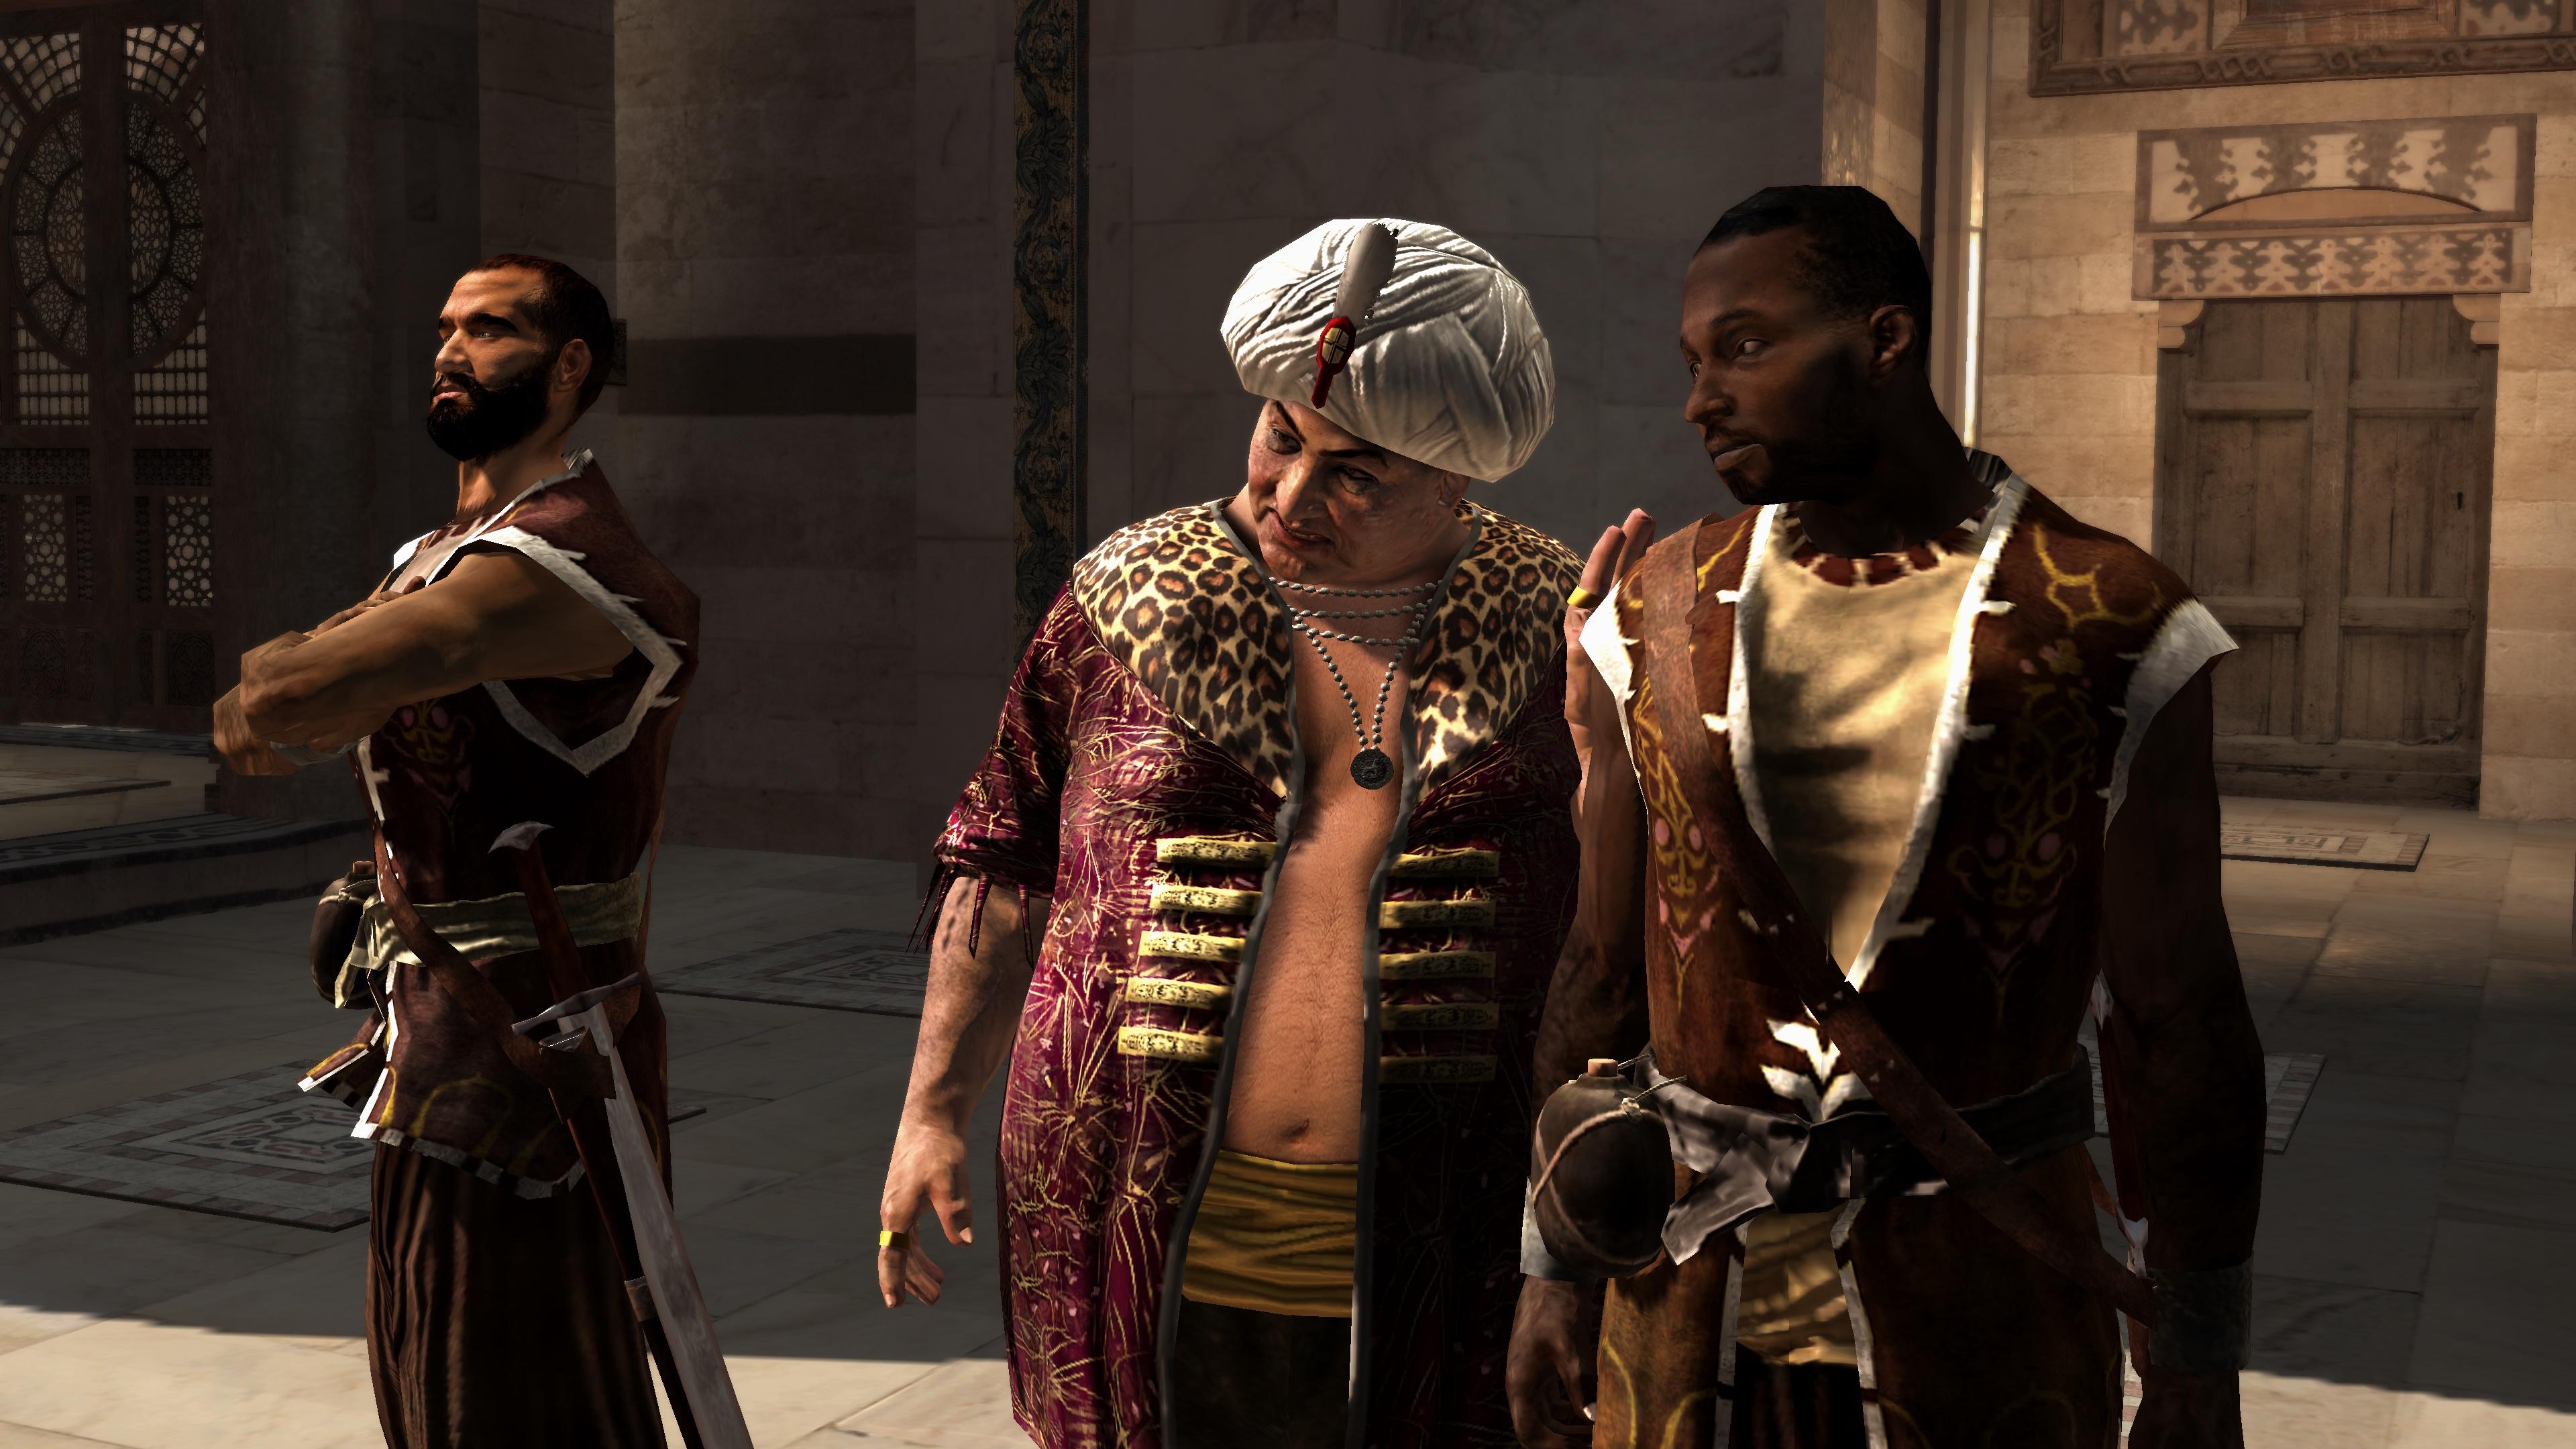 AssassinsCreed_Dx10 2020-02-12 19-25-19-843.jpg - Assassin's Creed